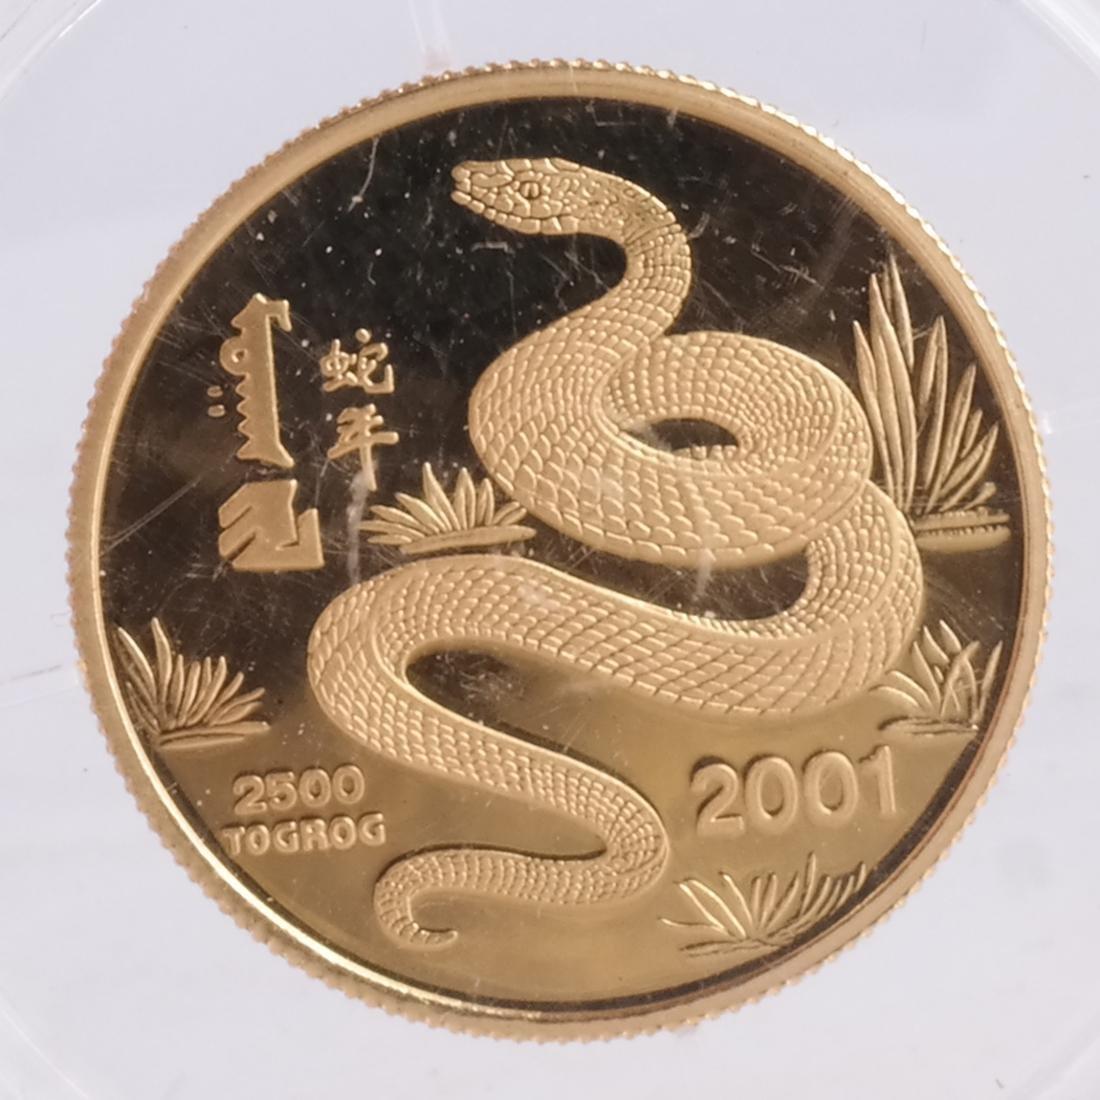 4 China Gold & Platinum Coin Sets - 7